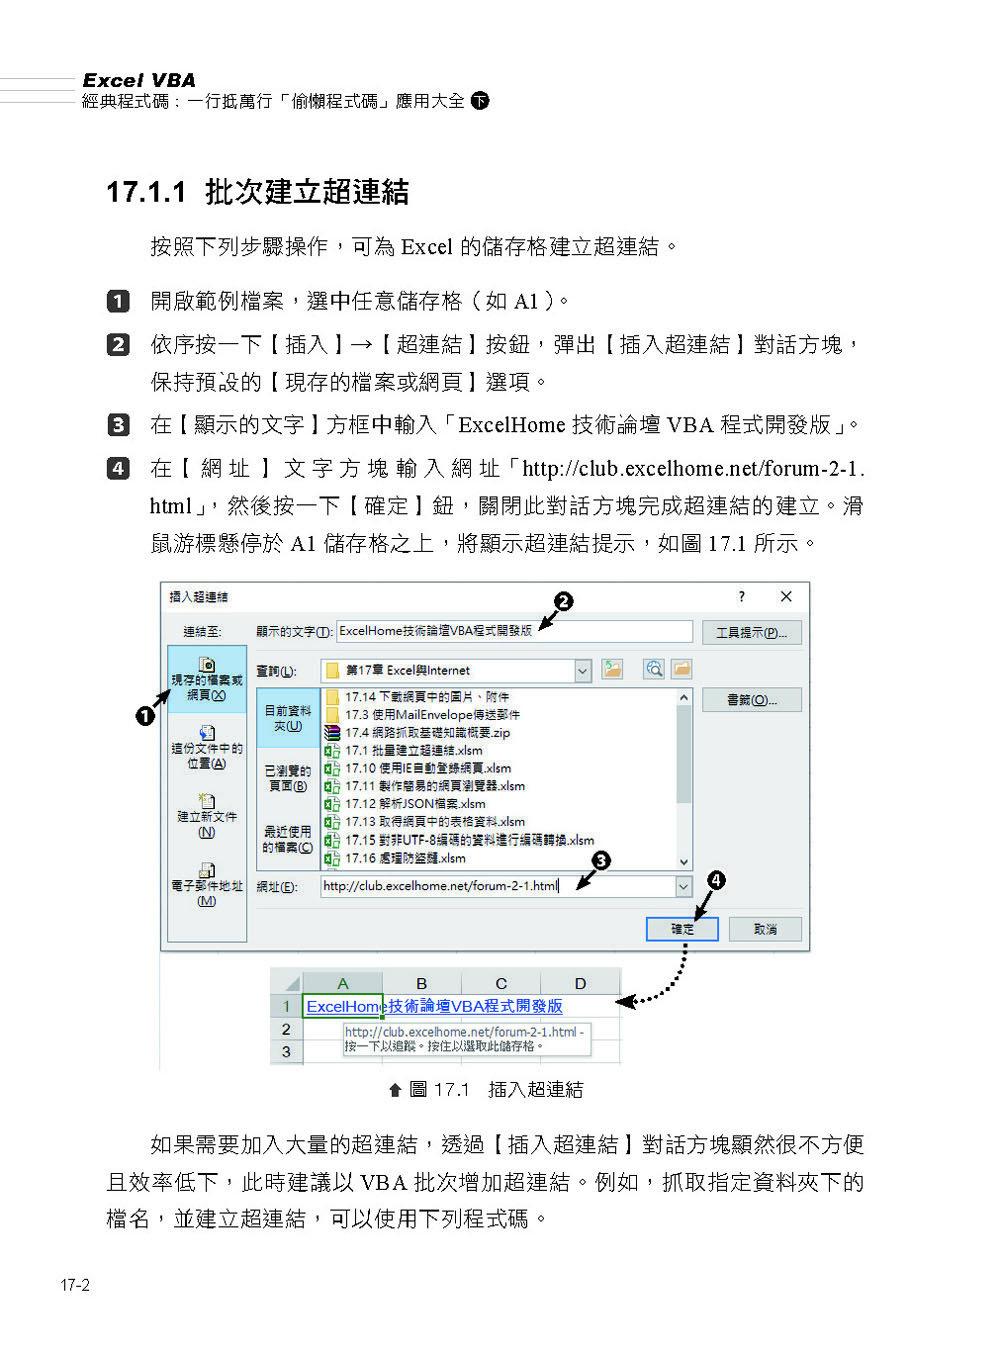 Excel VBA 經典程式碼:一行抵萬行「偷懶程式碼」應用大全 (下)-preview-1